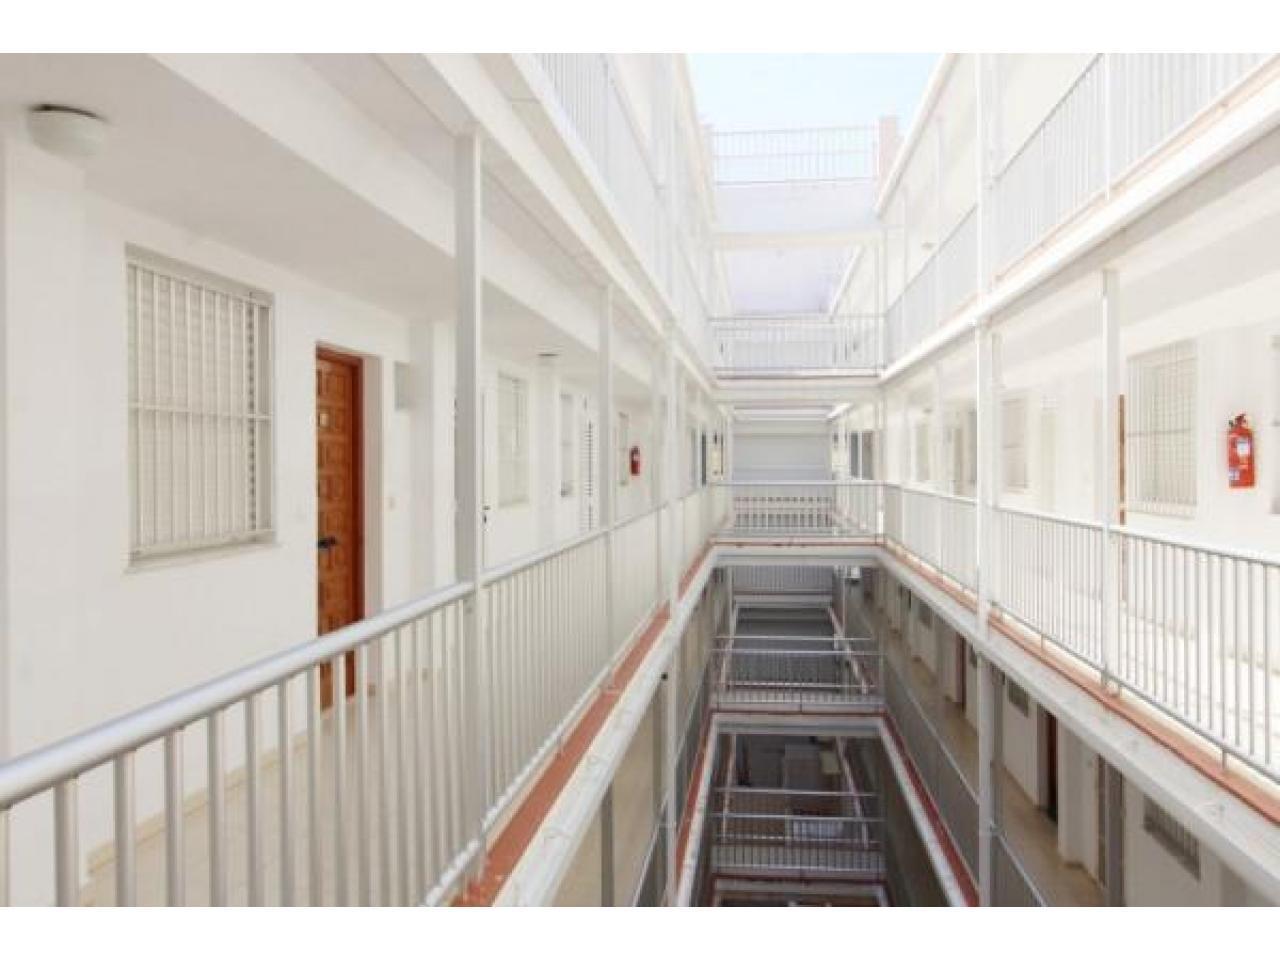 Недвижимость в Испании, Квартира с видами на море в Ла Мата,Коста Бланка,Испания - 8